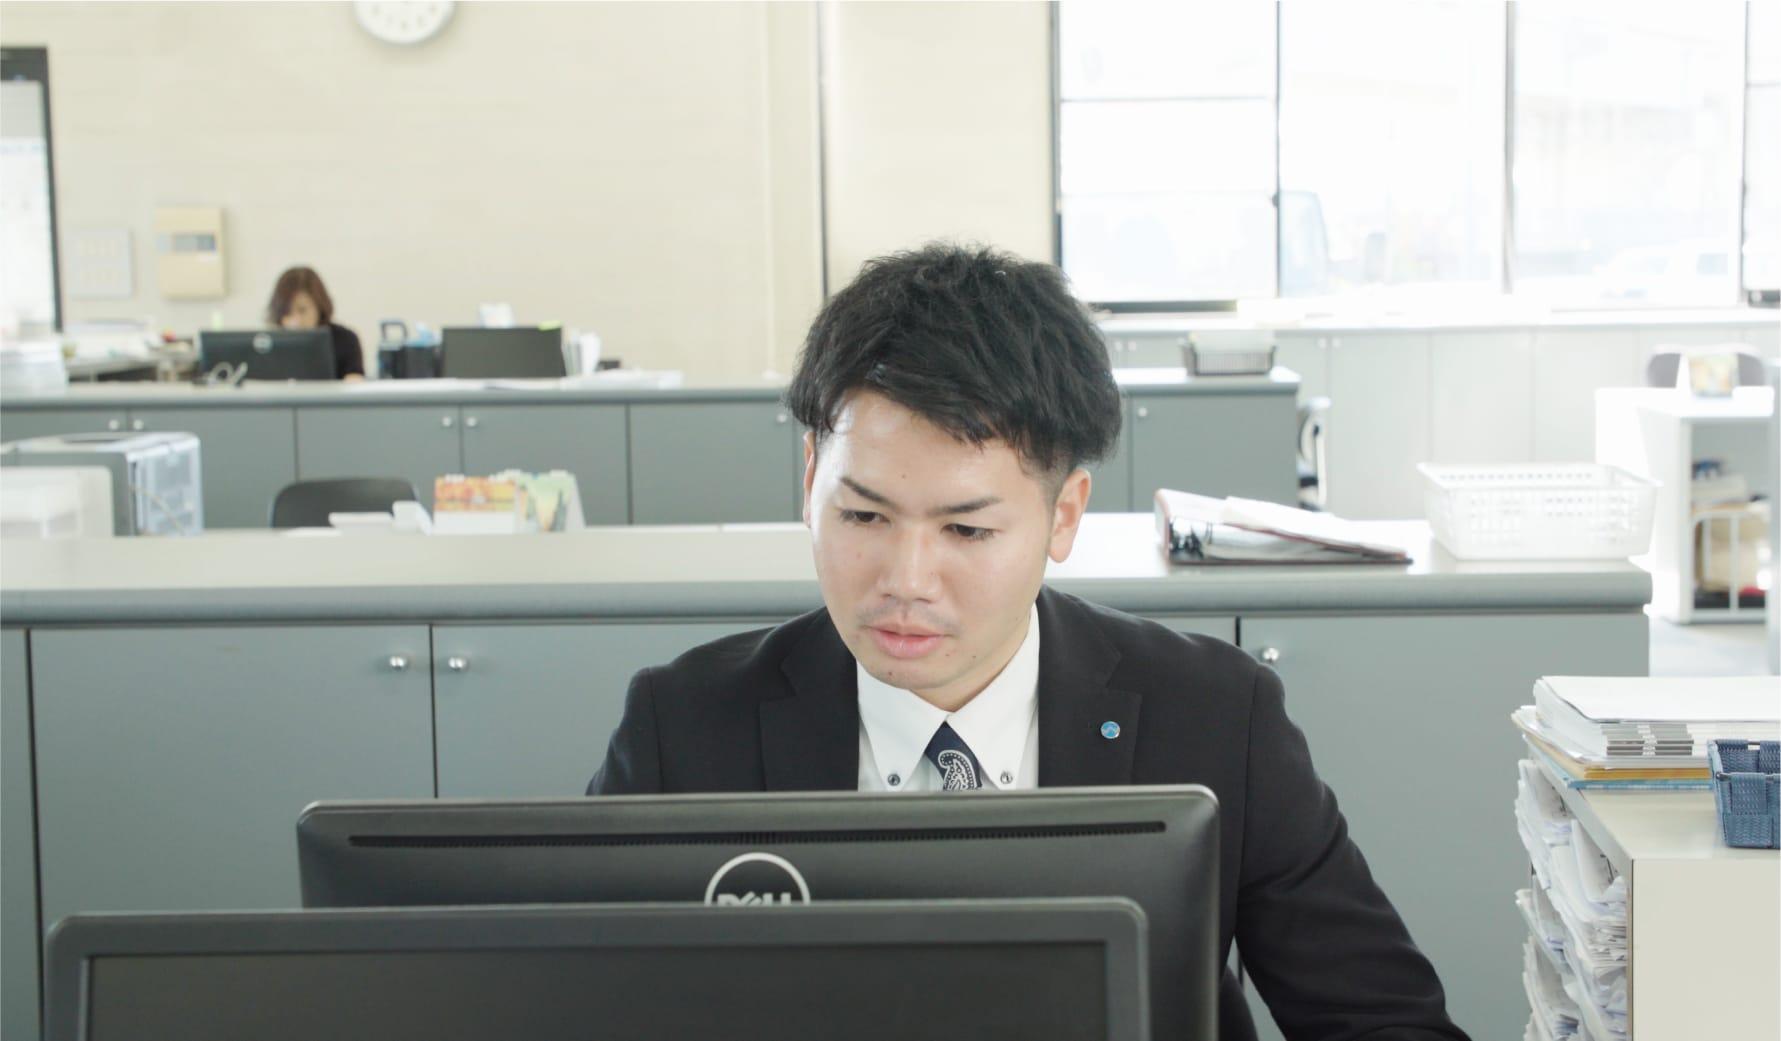 パソコンで作業を行う社員の写真